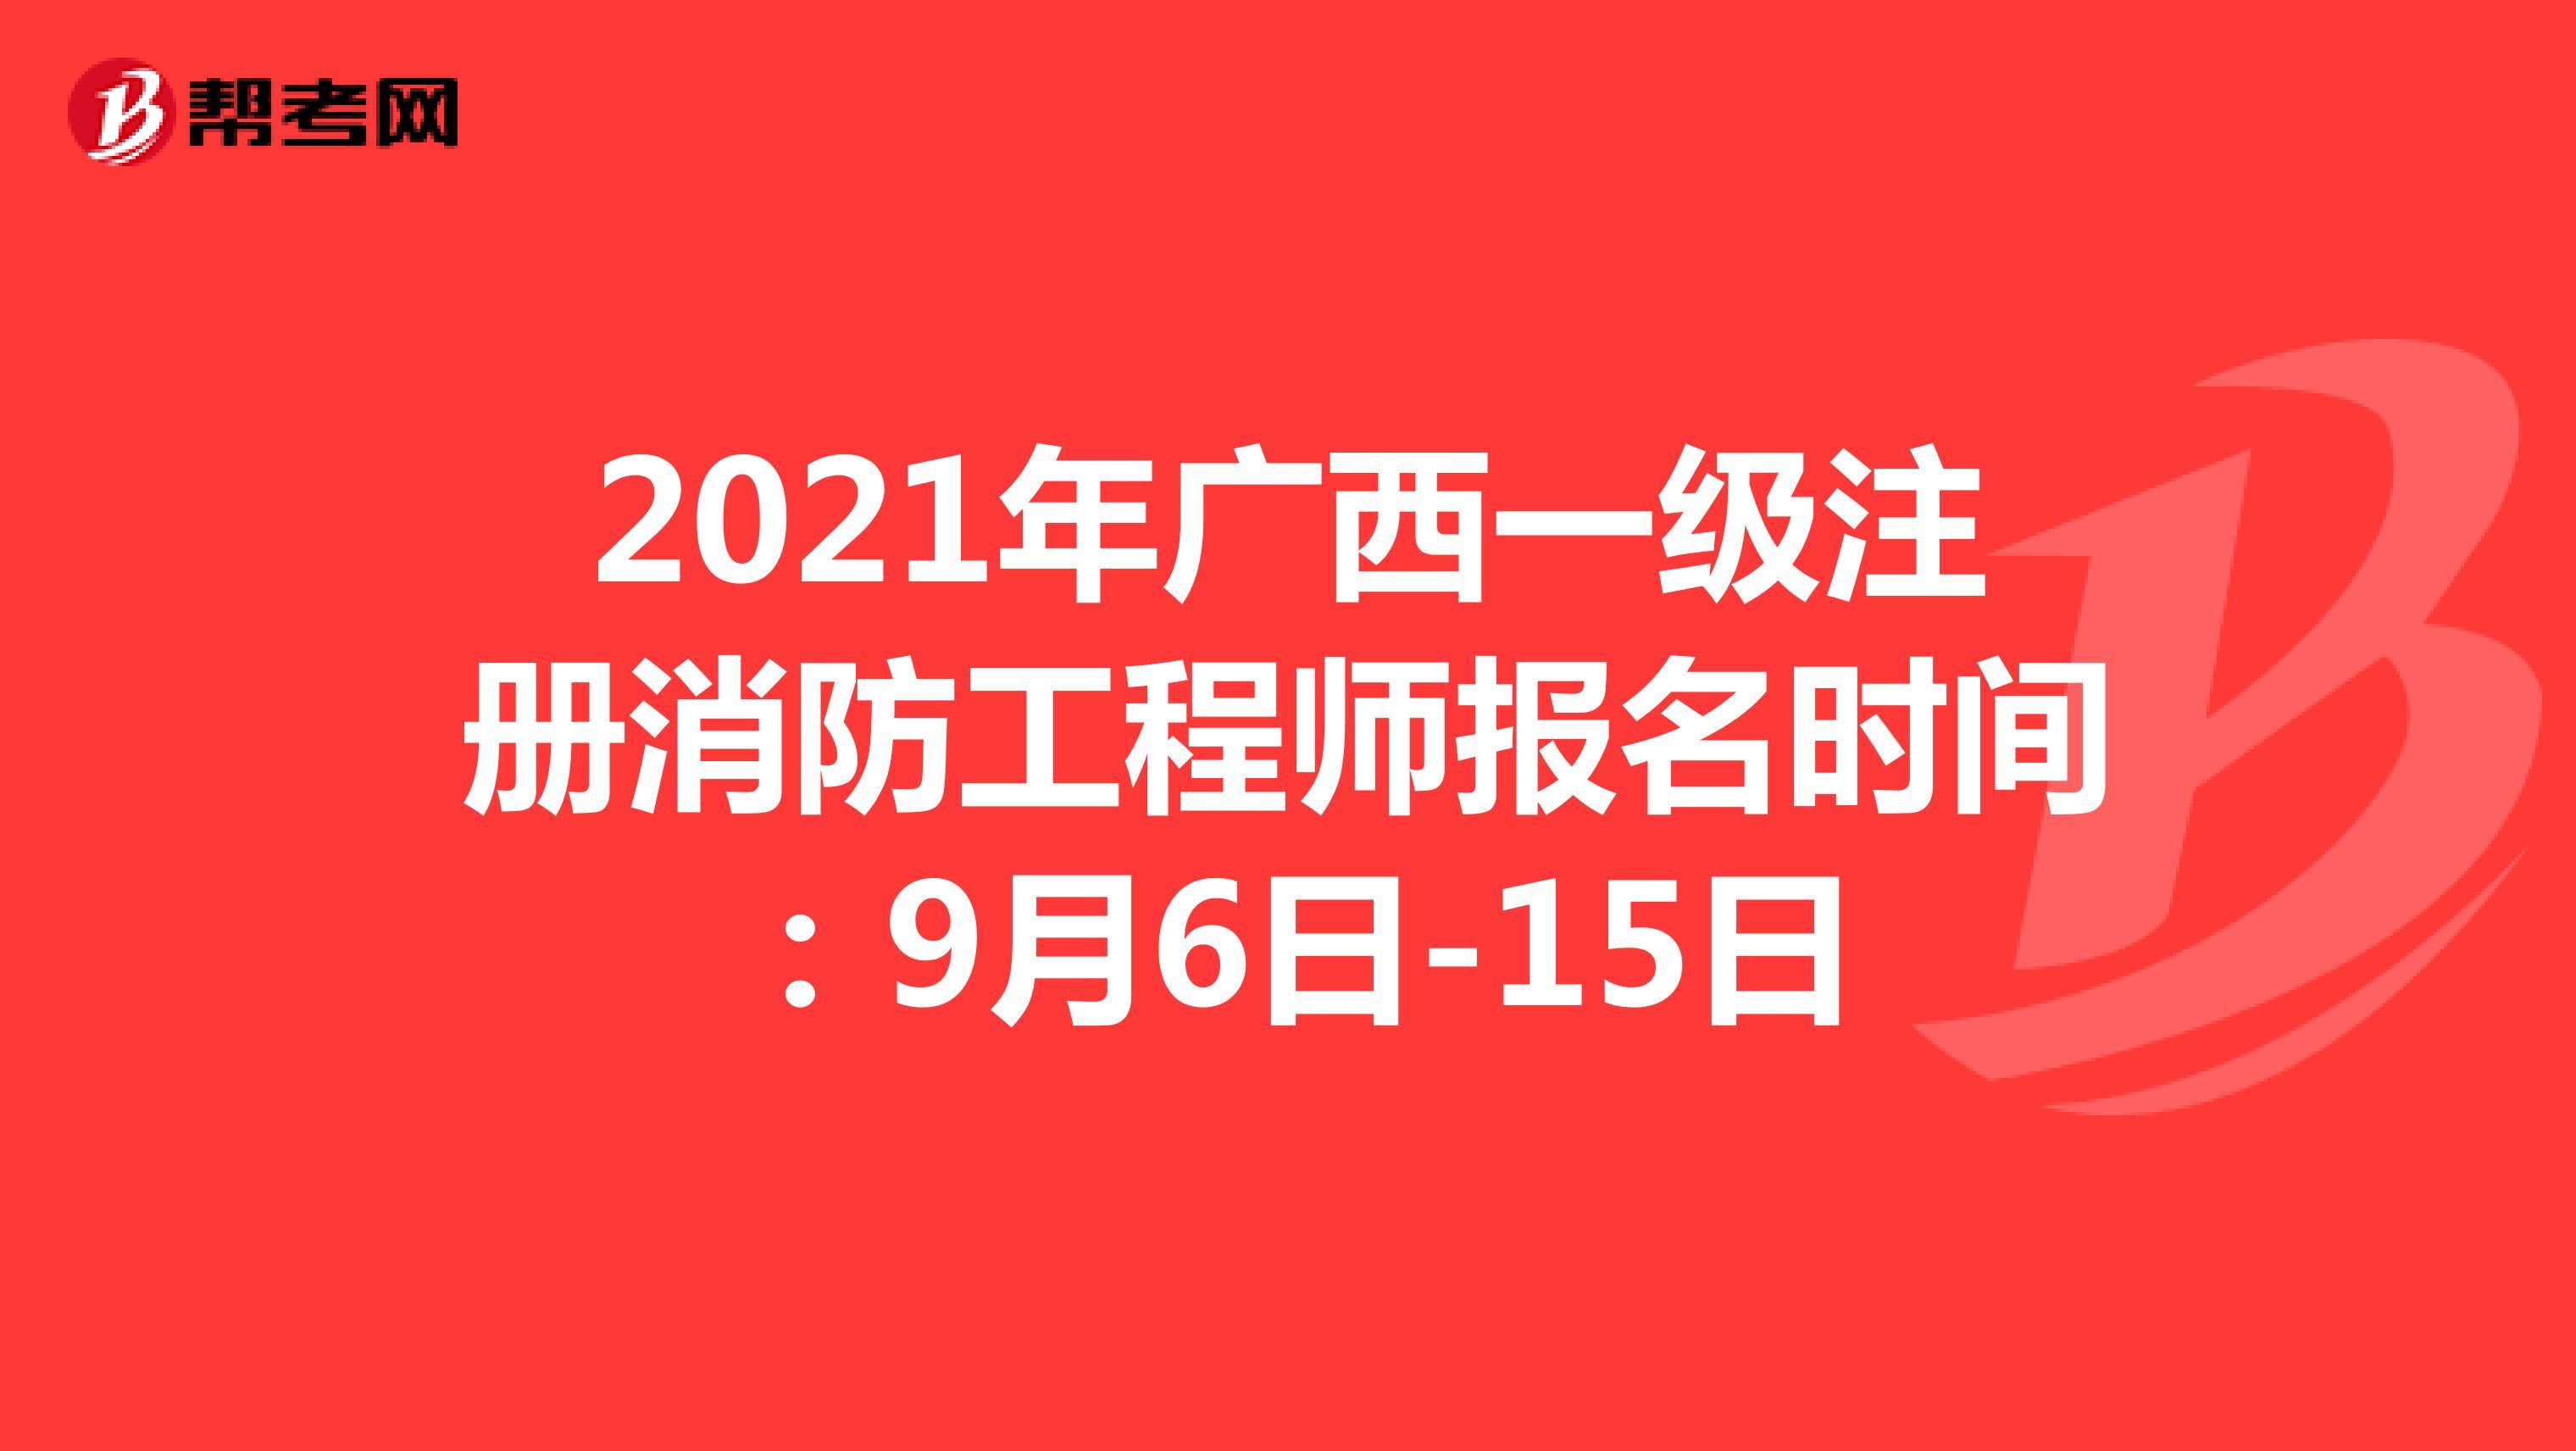 2021年广西一级注册消防工程师报名时间:9月6日-15日